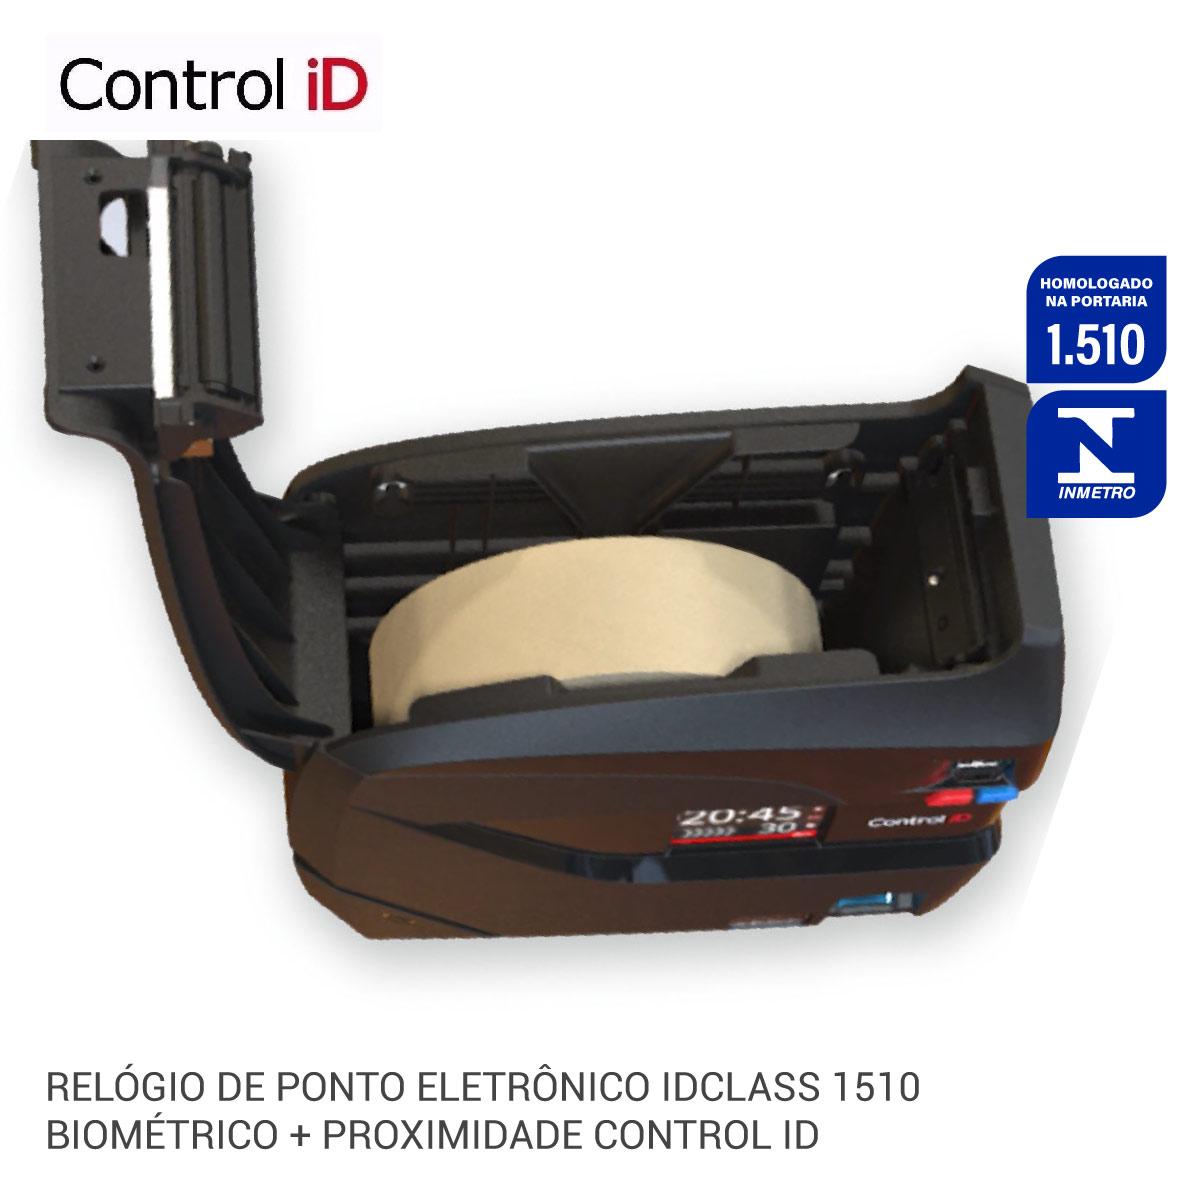 Relógio de Ponto Eletrônico  iDClass 1510 Biométrico + Prox Control iD+NOBREAK